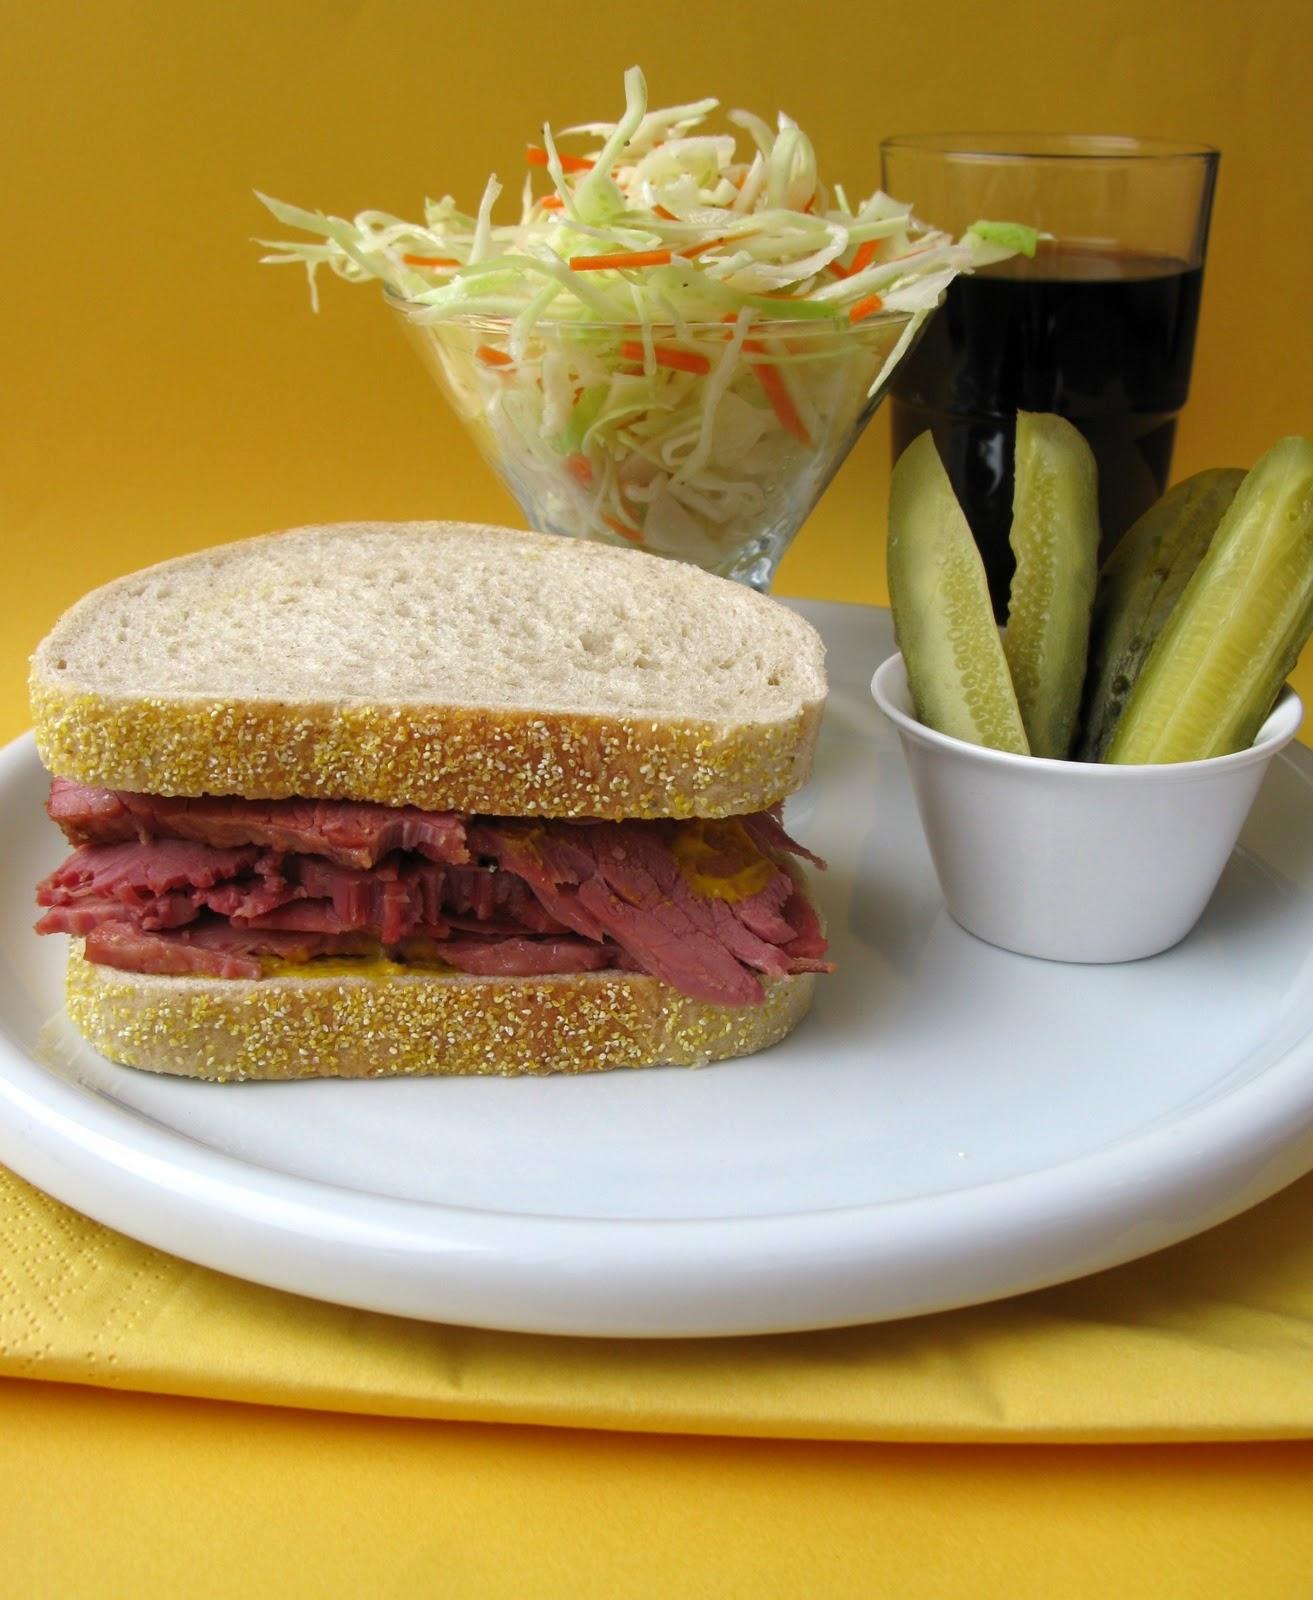 Au gr du march sandwich de smoked meat et salade de chou - Idee de sandwich froid ...